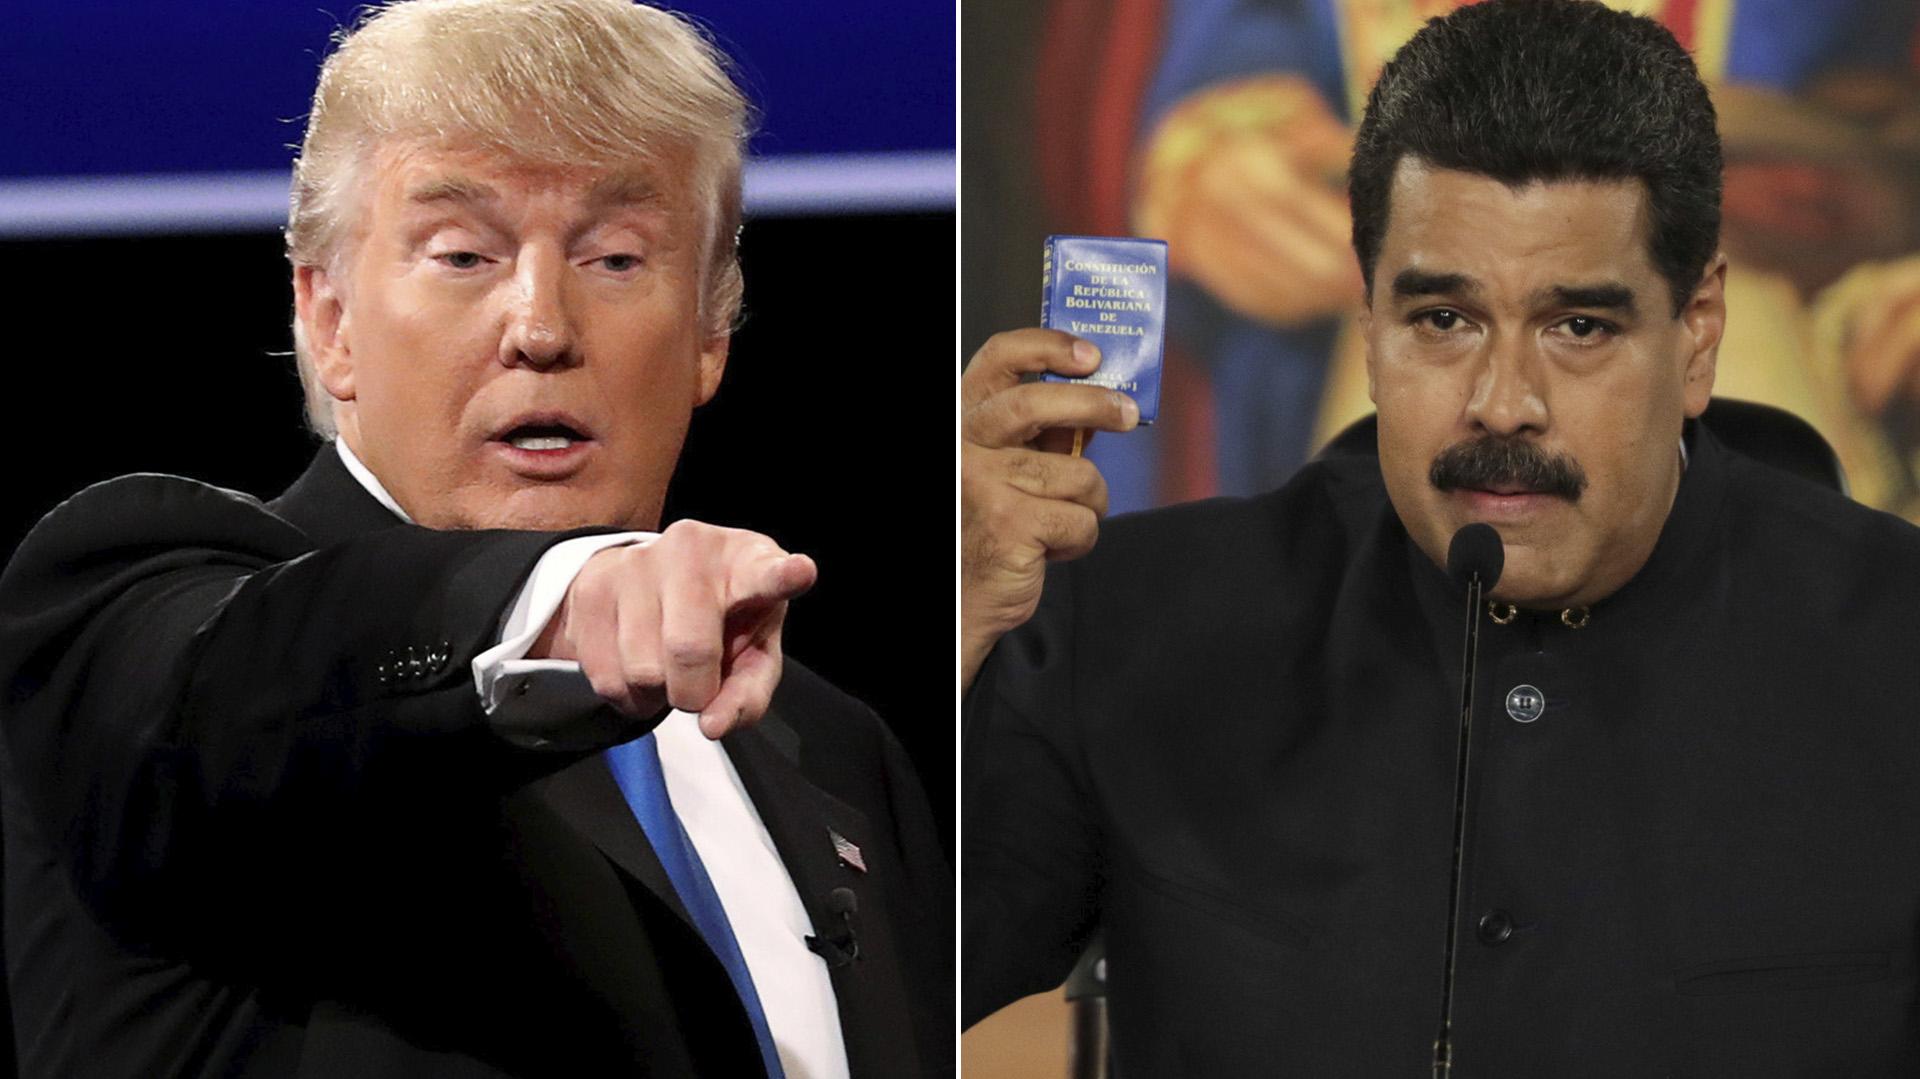 Donald Trump aseguró en Venezuela existe una intervención militar del régimen cubano